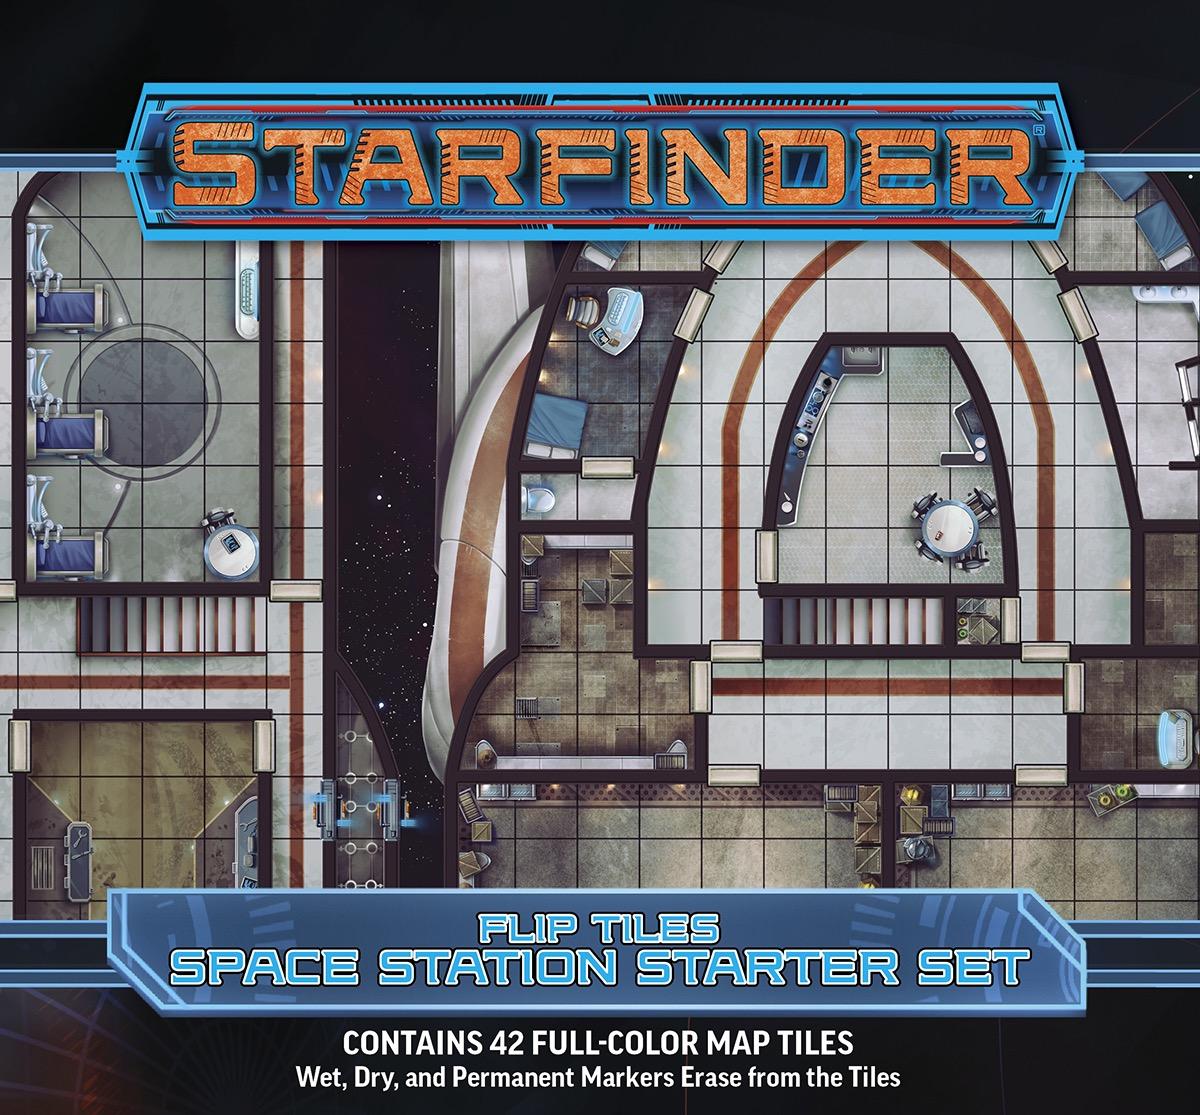 Starfinder Rpg: Flip-tiles - Space Station Starter Set